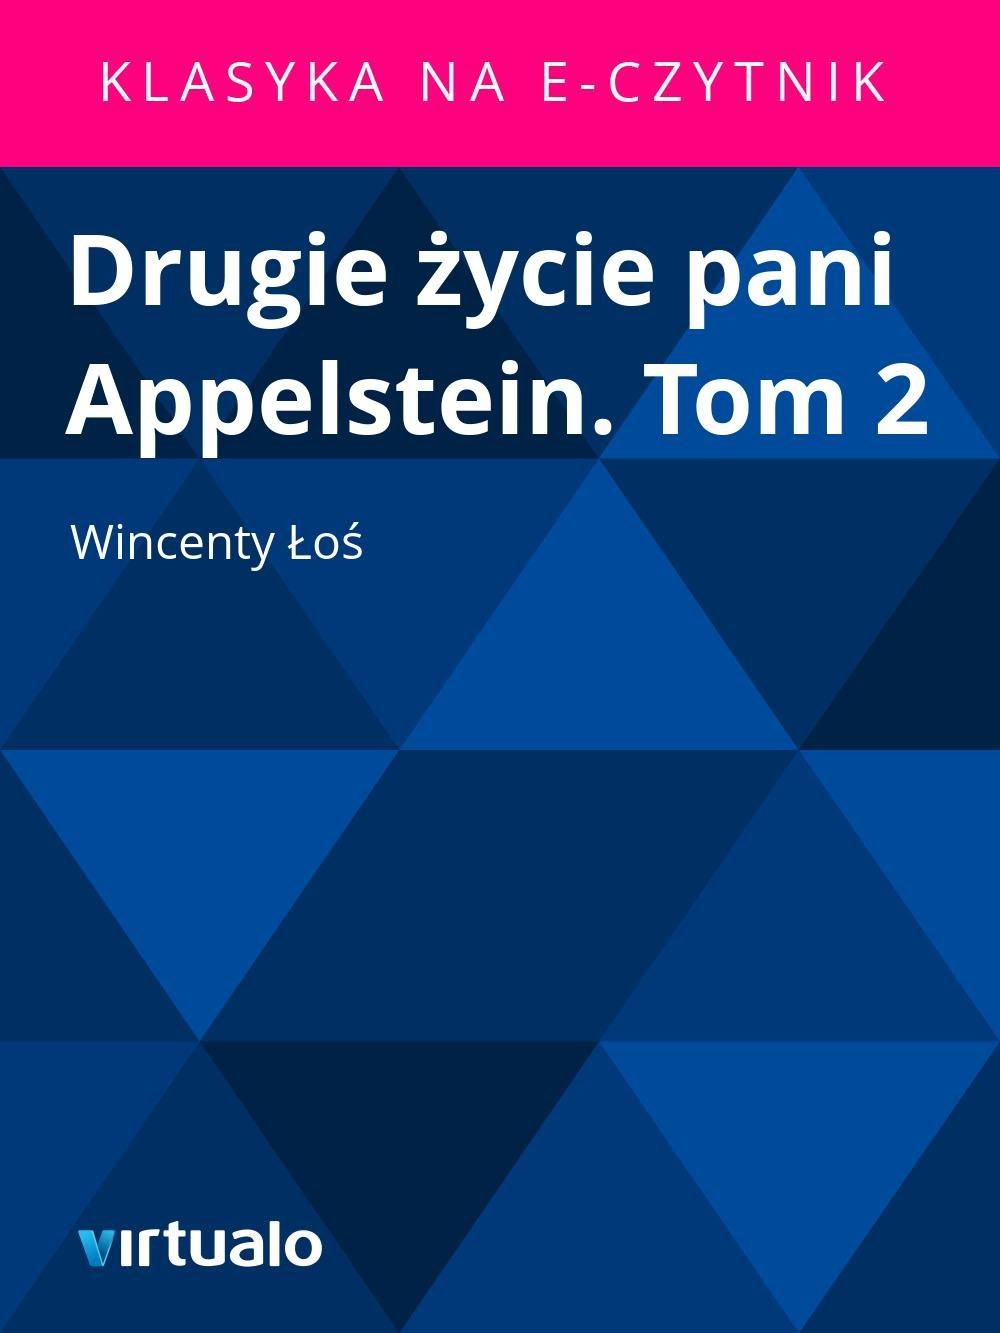 Drugie życie pani Appelstein. Tom 2 - Ebook (Książka EPUB) do pobrania w formacie EPUB